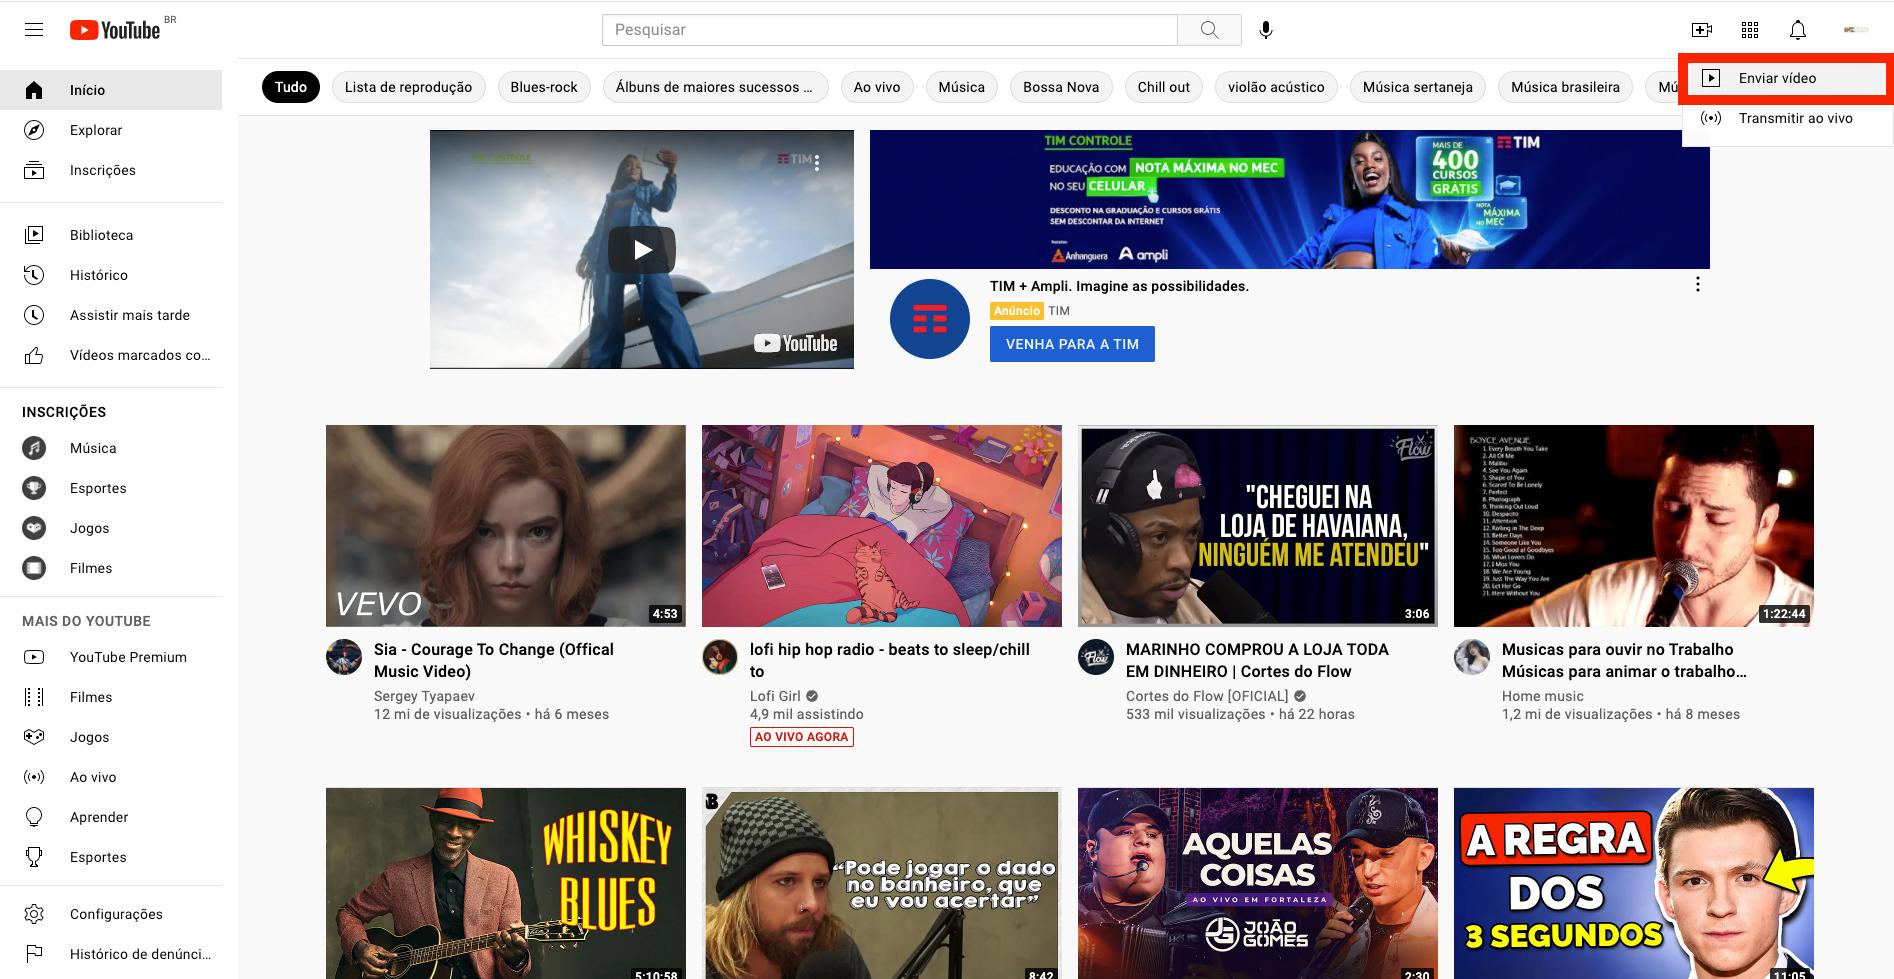 Captura de tela do YouTube. Página inicial com botão 'Enviar vídeo' destacado com uma borda vermelha. O botão está posicionado na área superior direita da tela